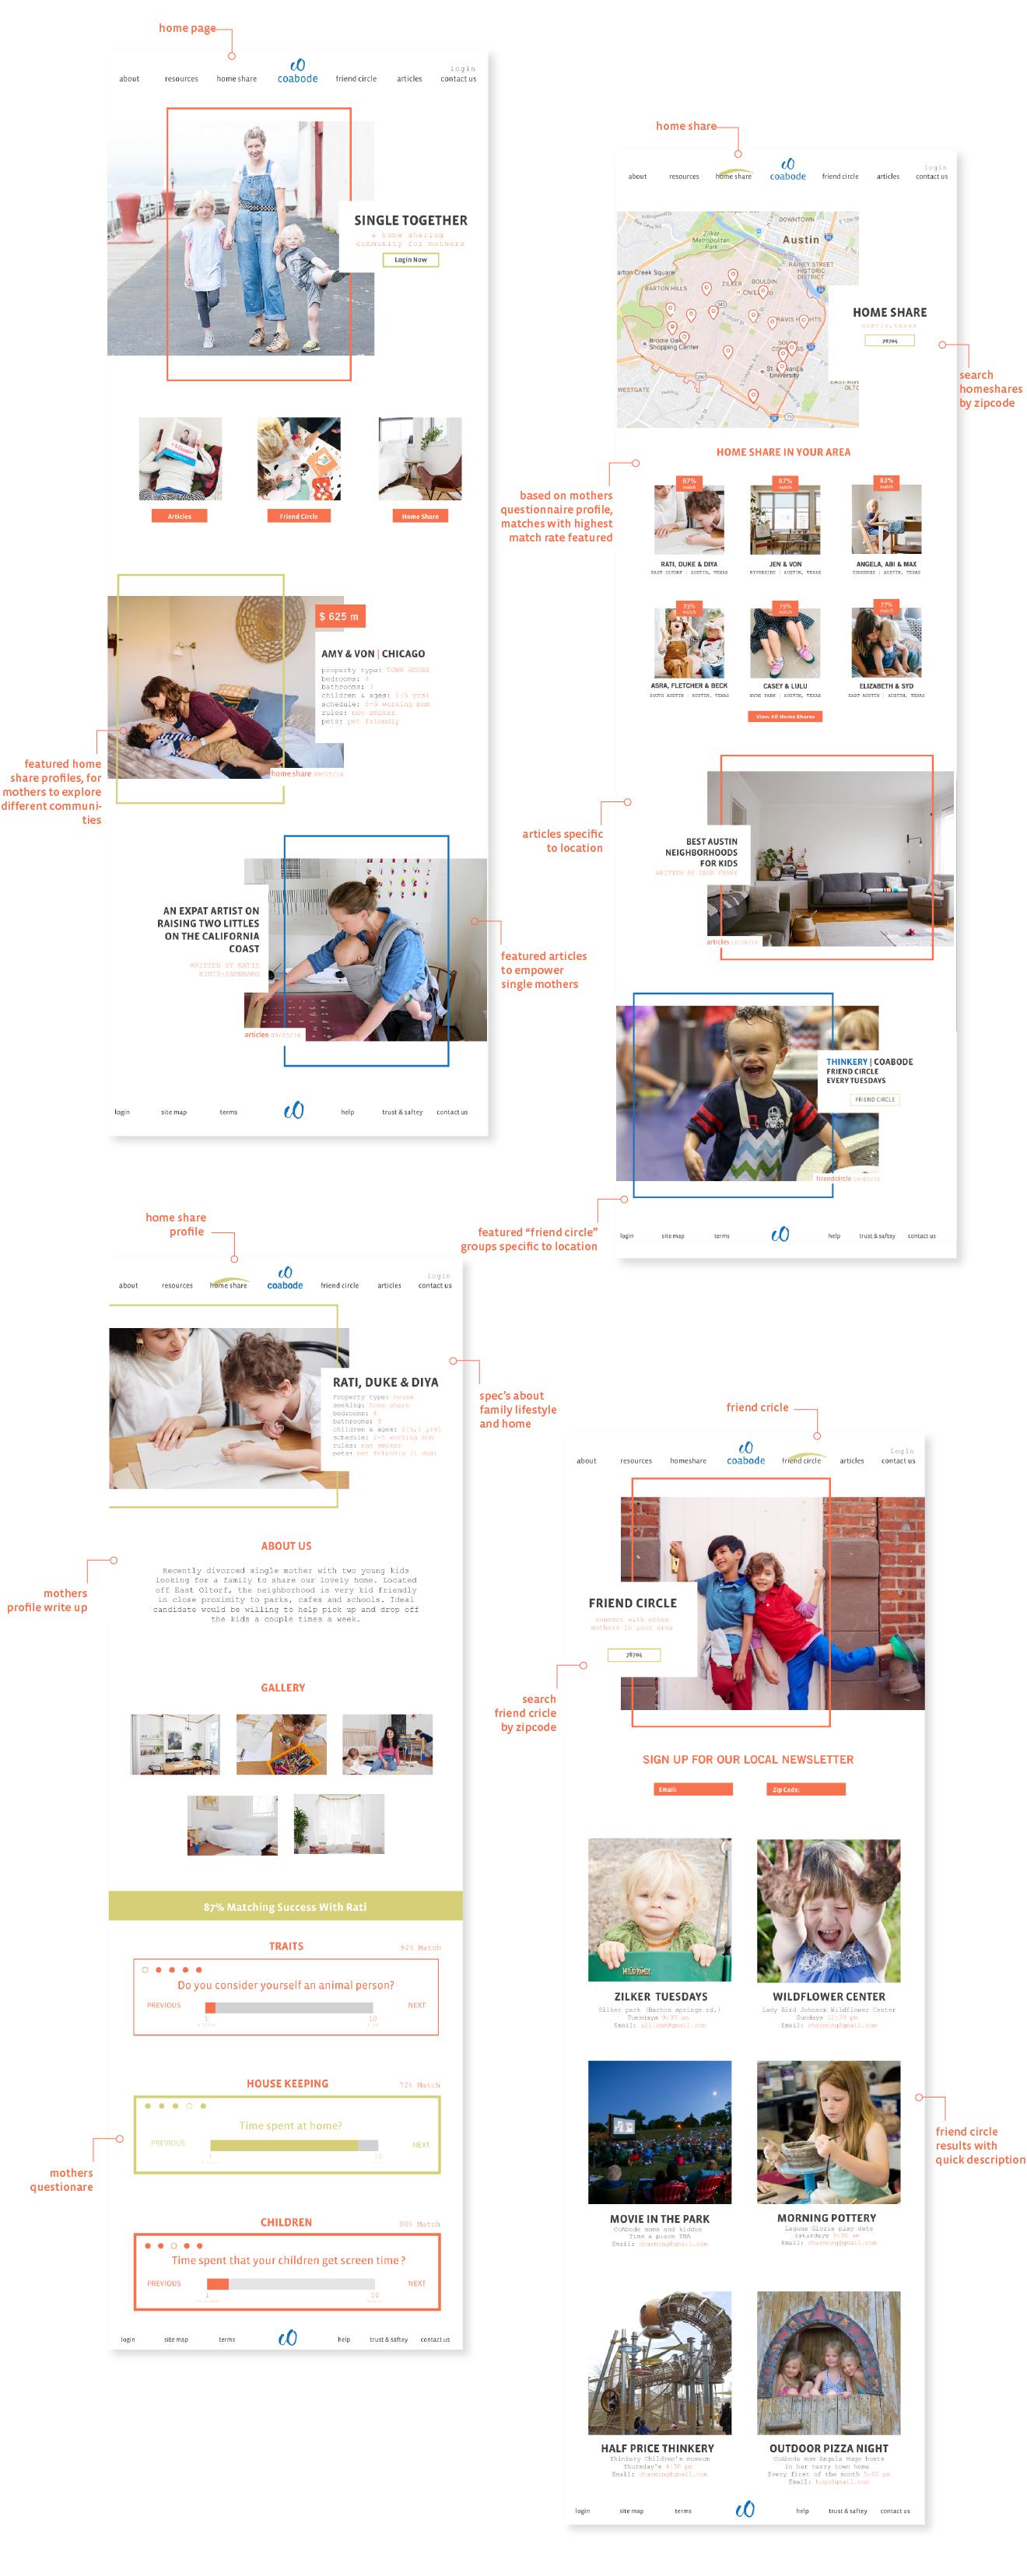 coabode_web.jpg